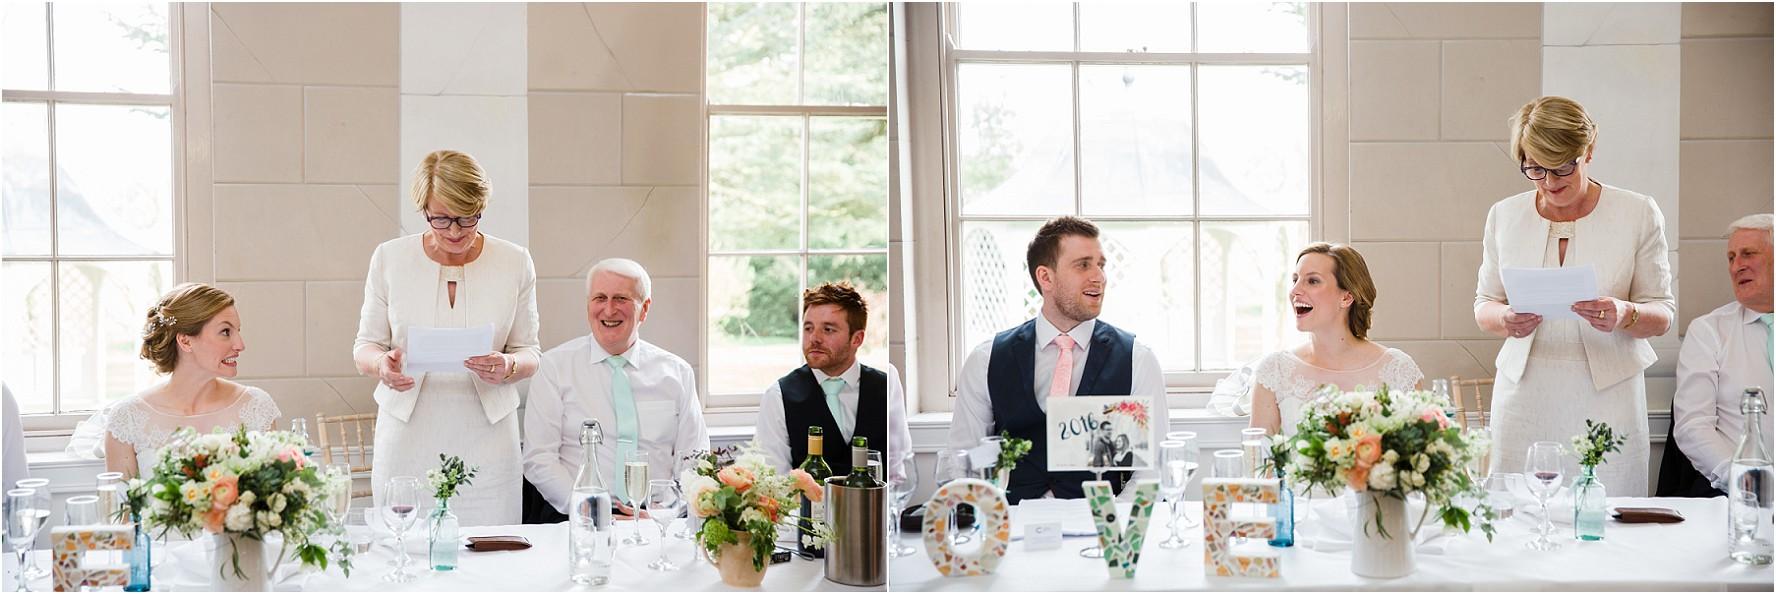 Wedding Photography Norwood Park_0127